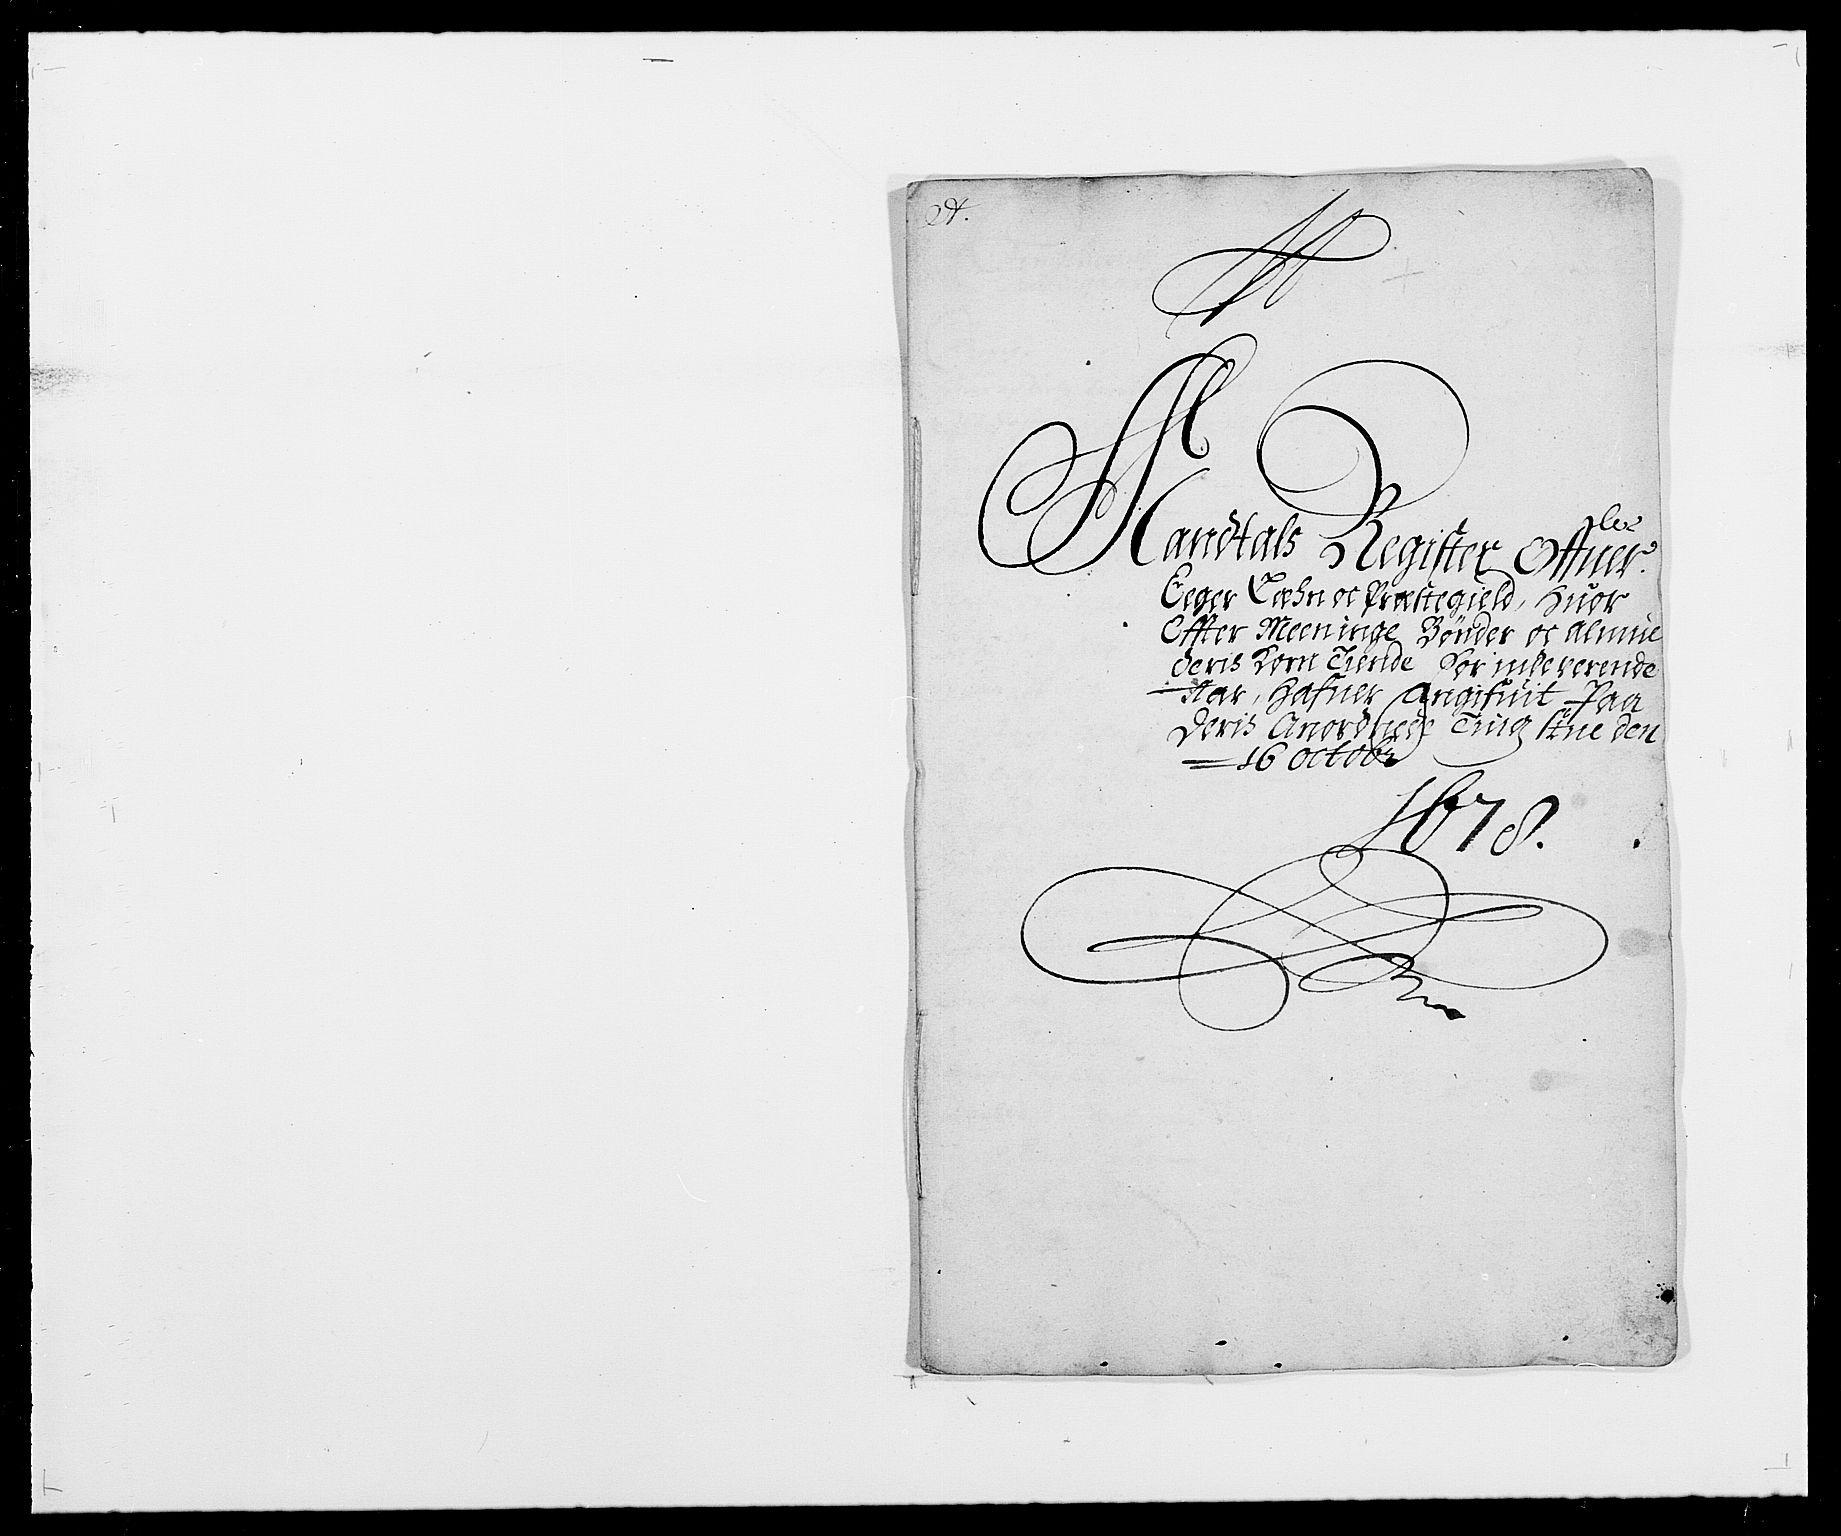 RA, Rentekammeret inntil 1814, Reviderte regnskaper, Fogderegnskap, R26/L1683: Fogderegnskap Eiker, 1678, s. 6